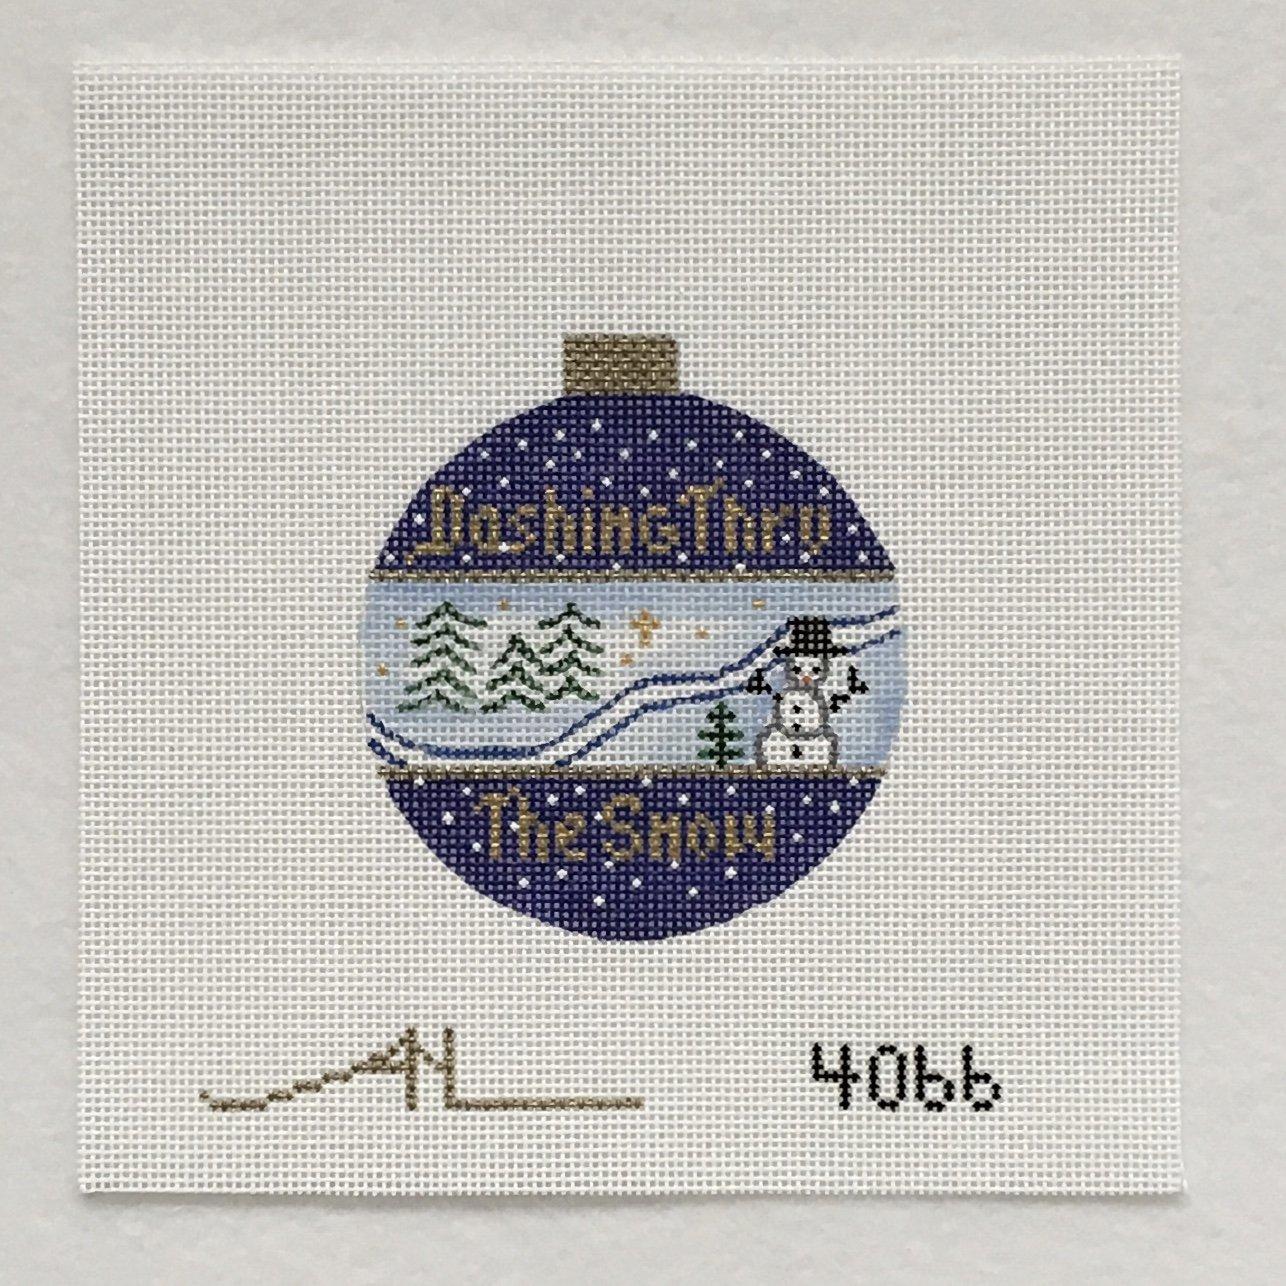 4066 Dashing Thru the Snow